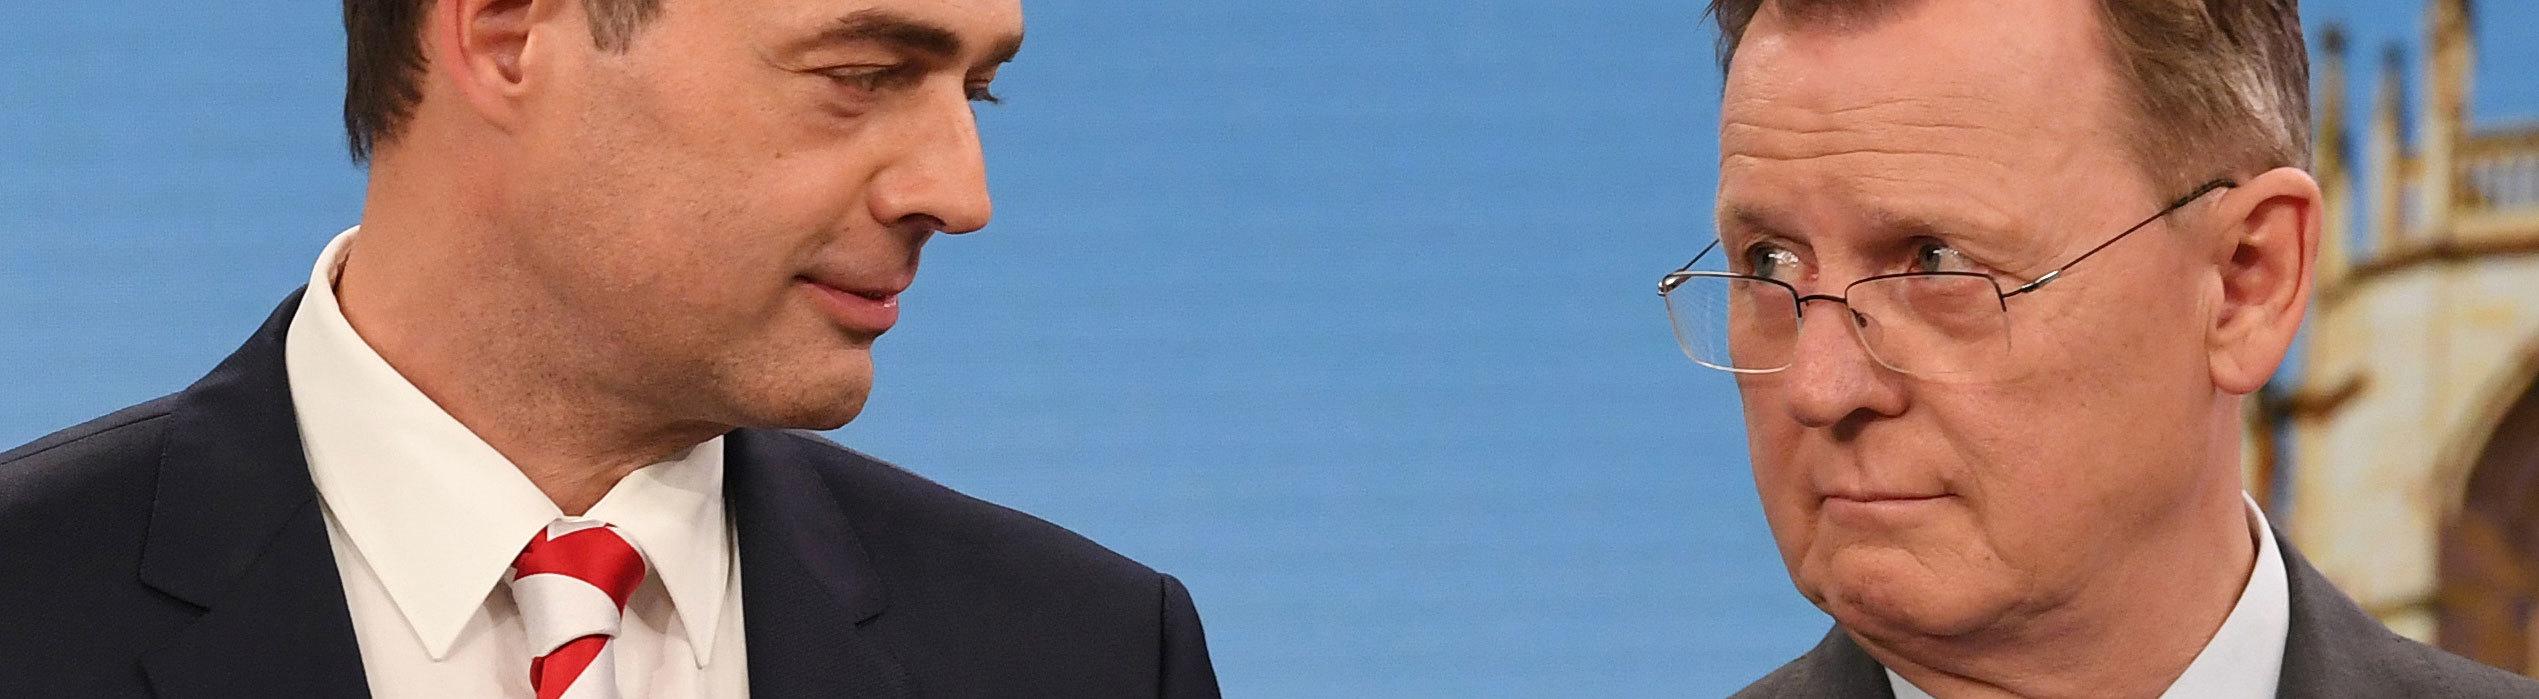 Mike Mohring, CDU-Spitzenkandidat, steht neben Bodo Ramelow (Die Linke), Ministerpräsident von Thüringen und Spitzenkandidat der Partei für die Landtagswahl, in einem Wahlstudio im Landtag.